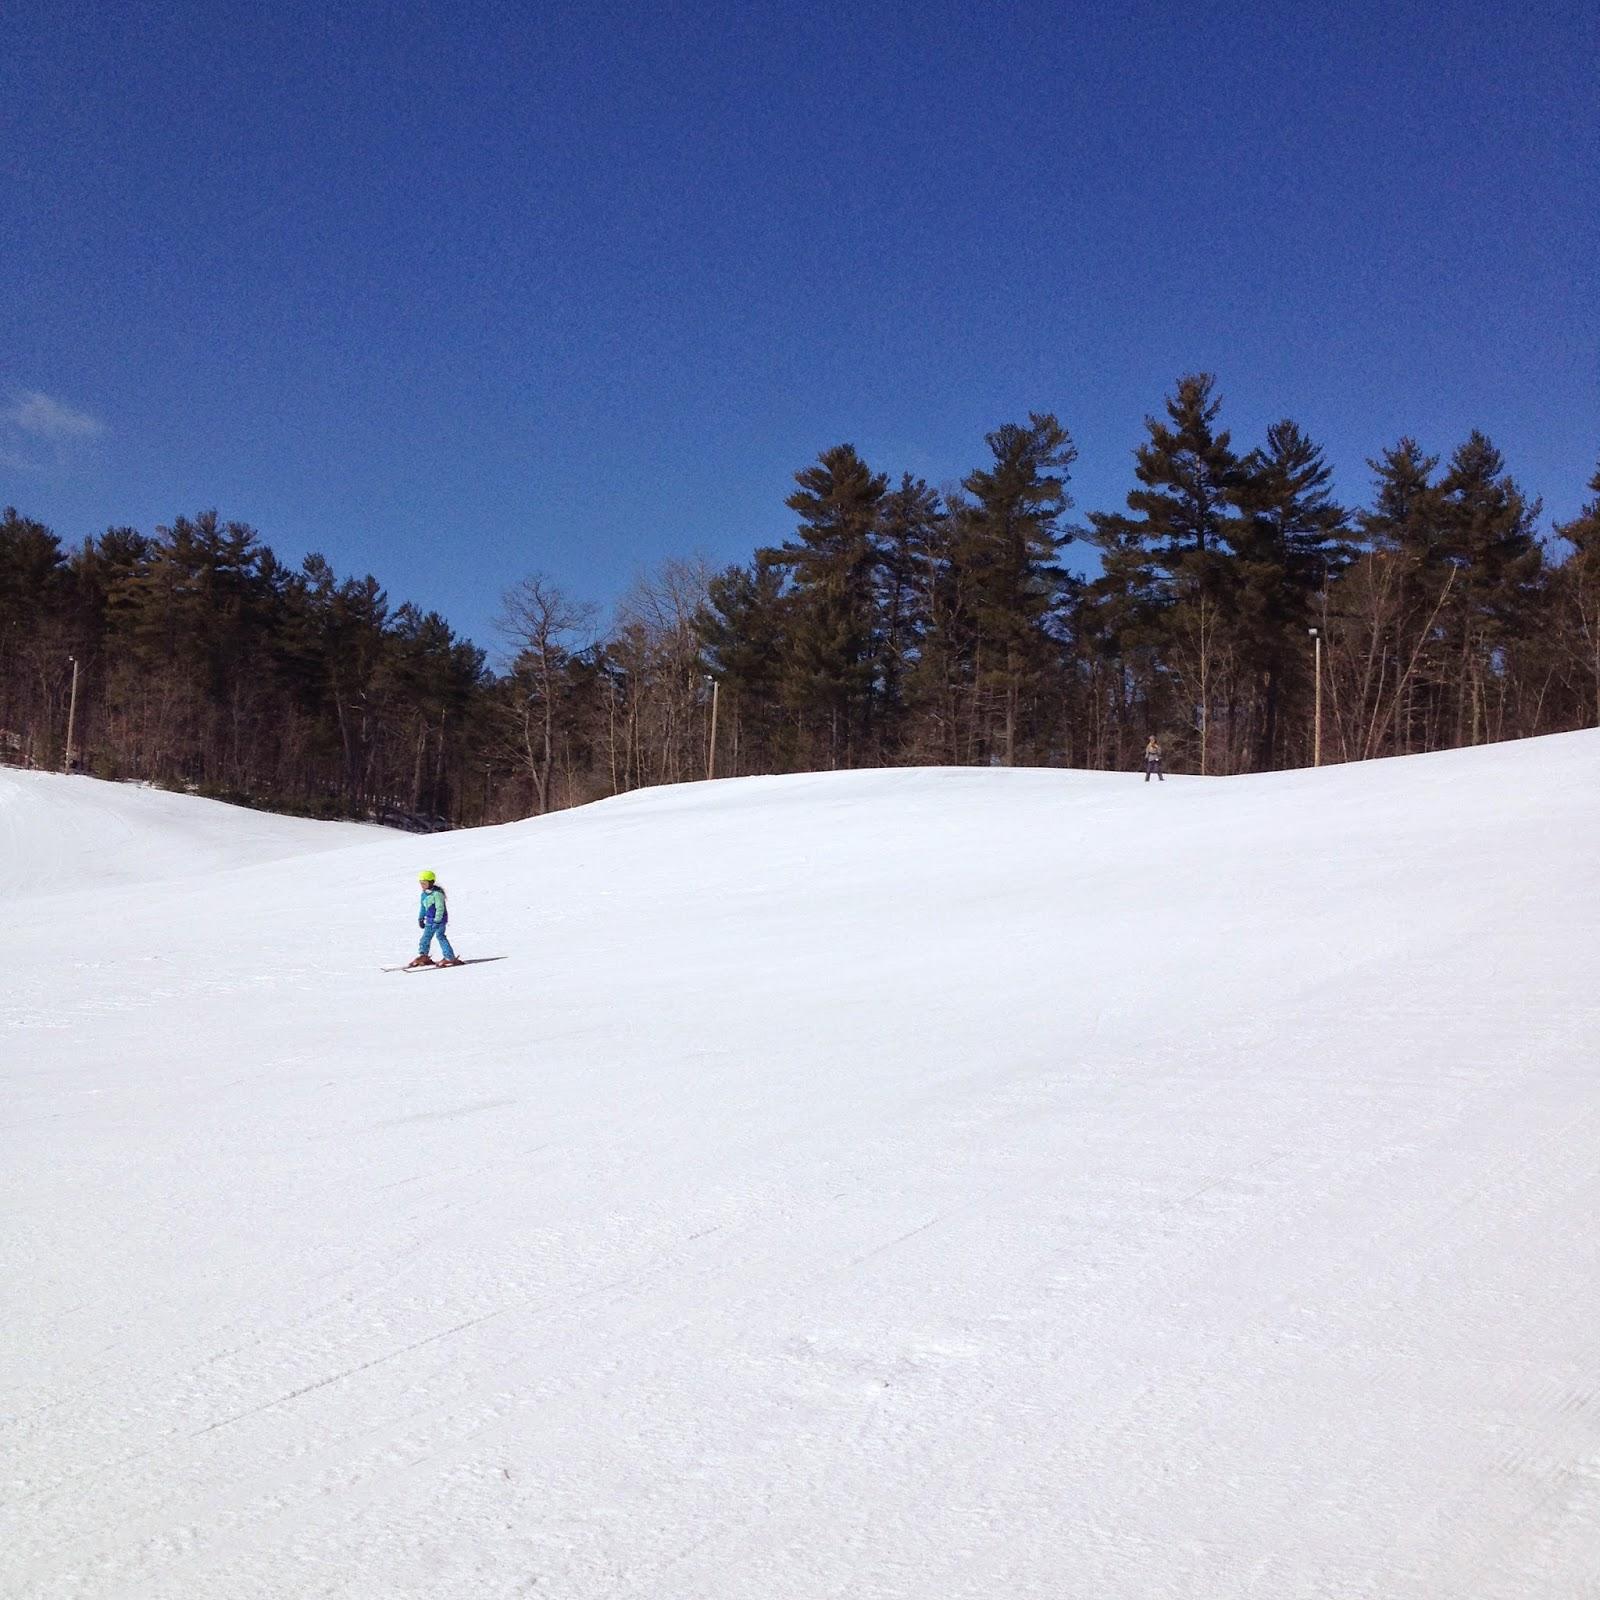 Pee when skiing